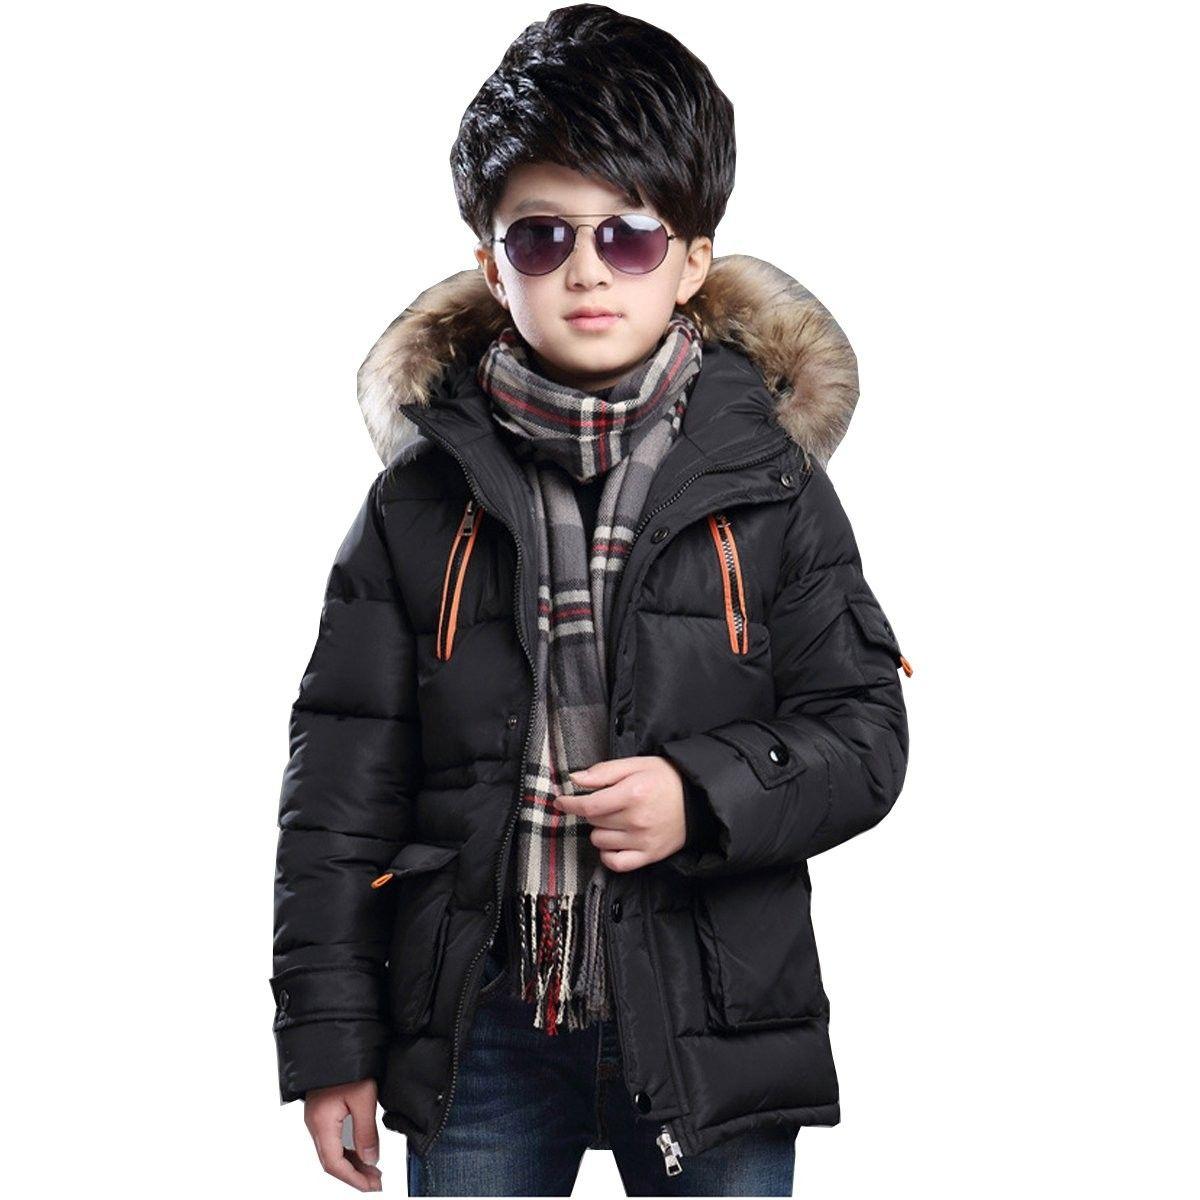 Boy S Winter Hooded Cotton Coat Jacket Parka Outwear With Faux Fur Trim Black Cj18896x4n8 Hooded Cotton Coat Cotton Coat Boys Puffer Jacket [ 1200 x 1200 Pixel ]